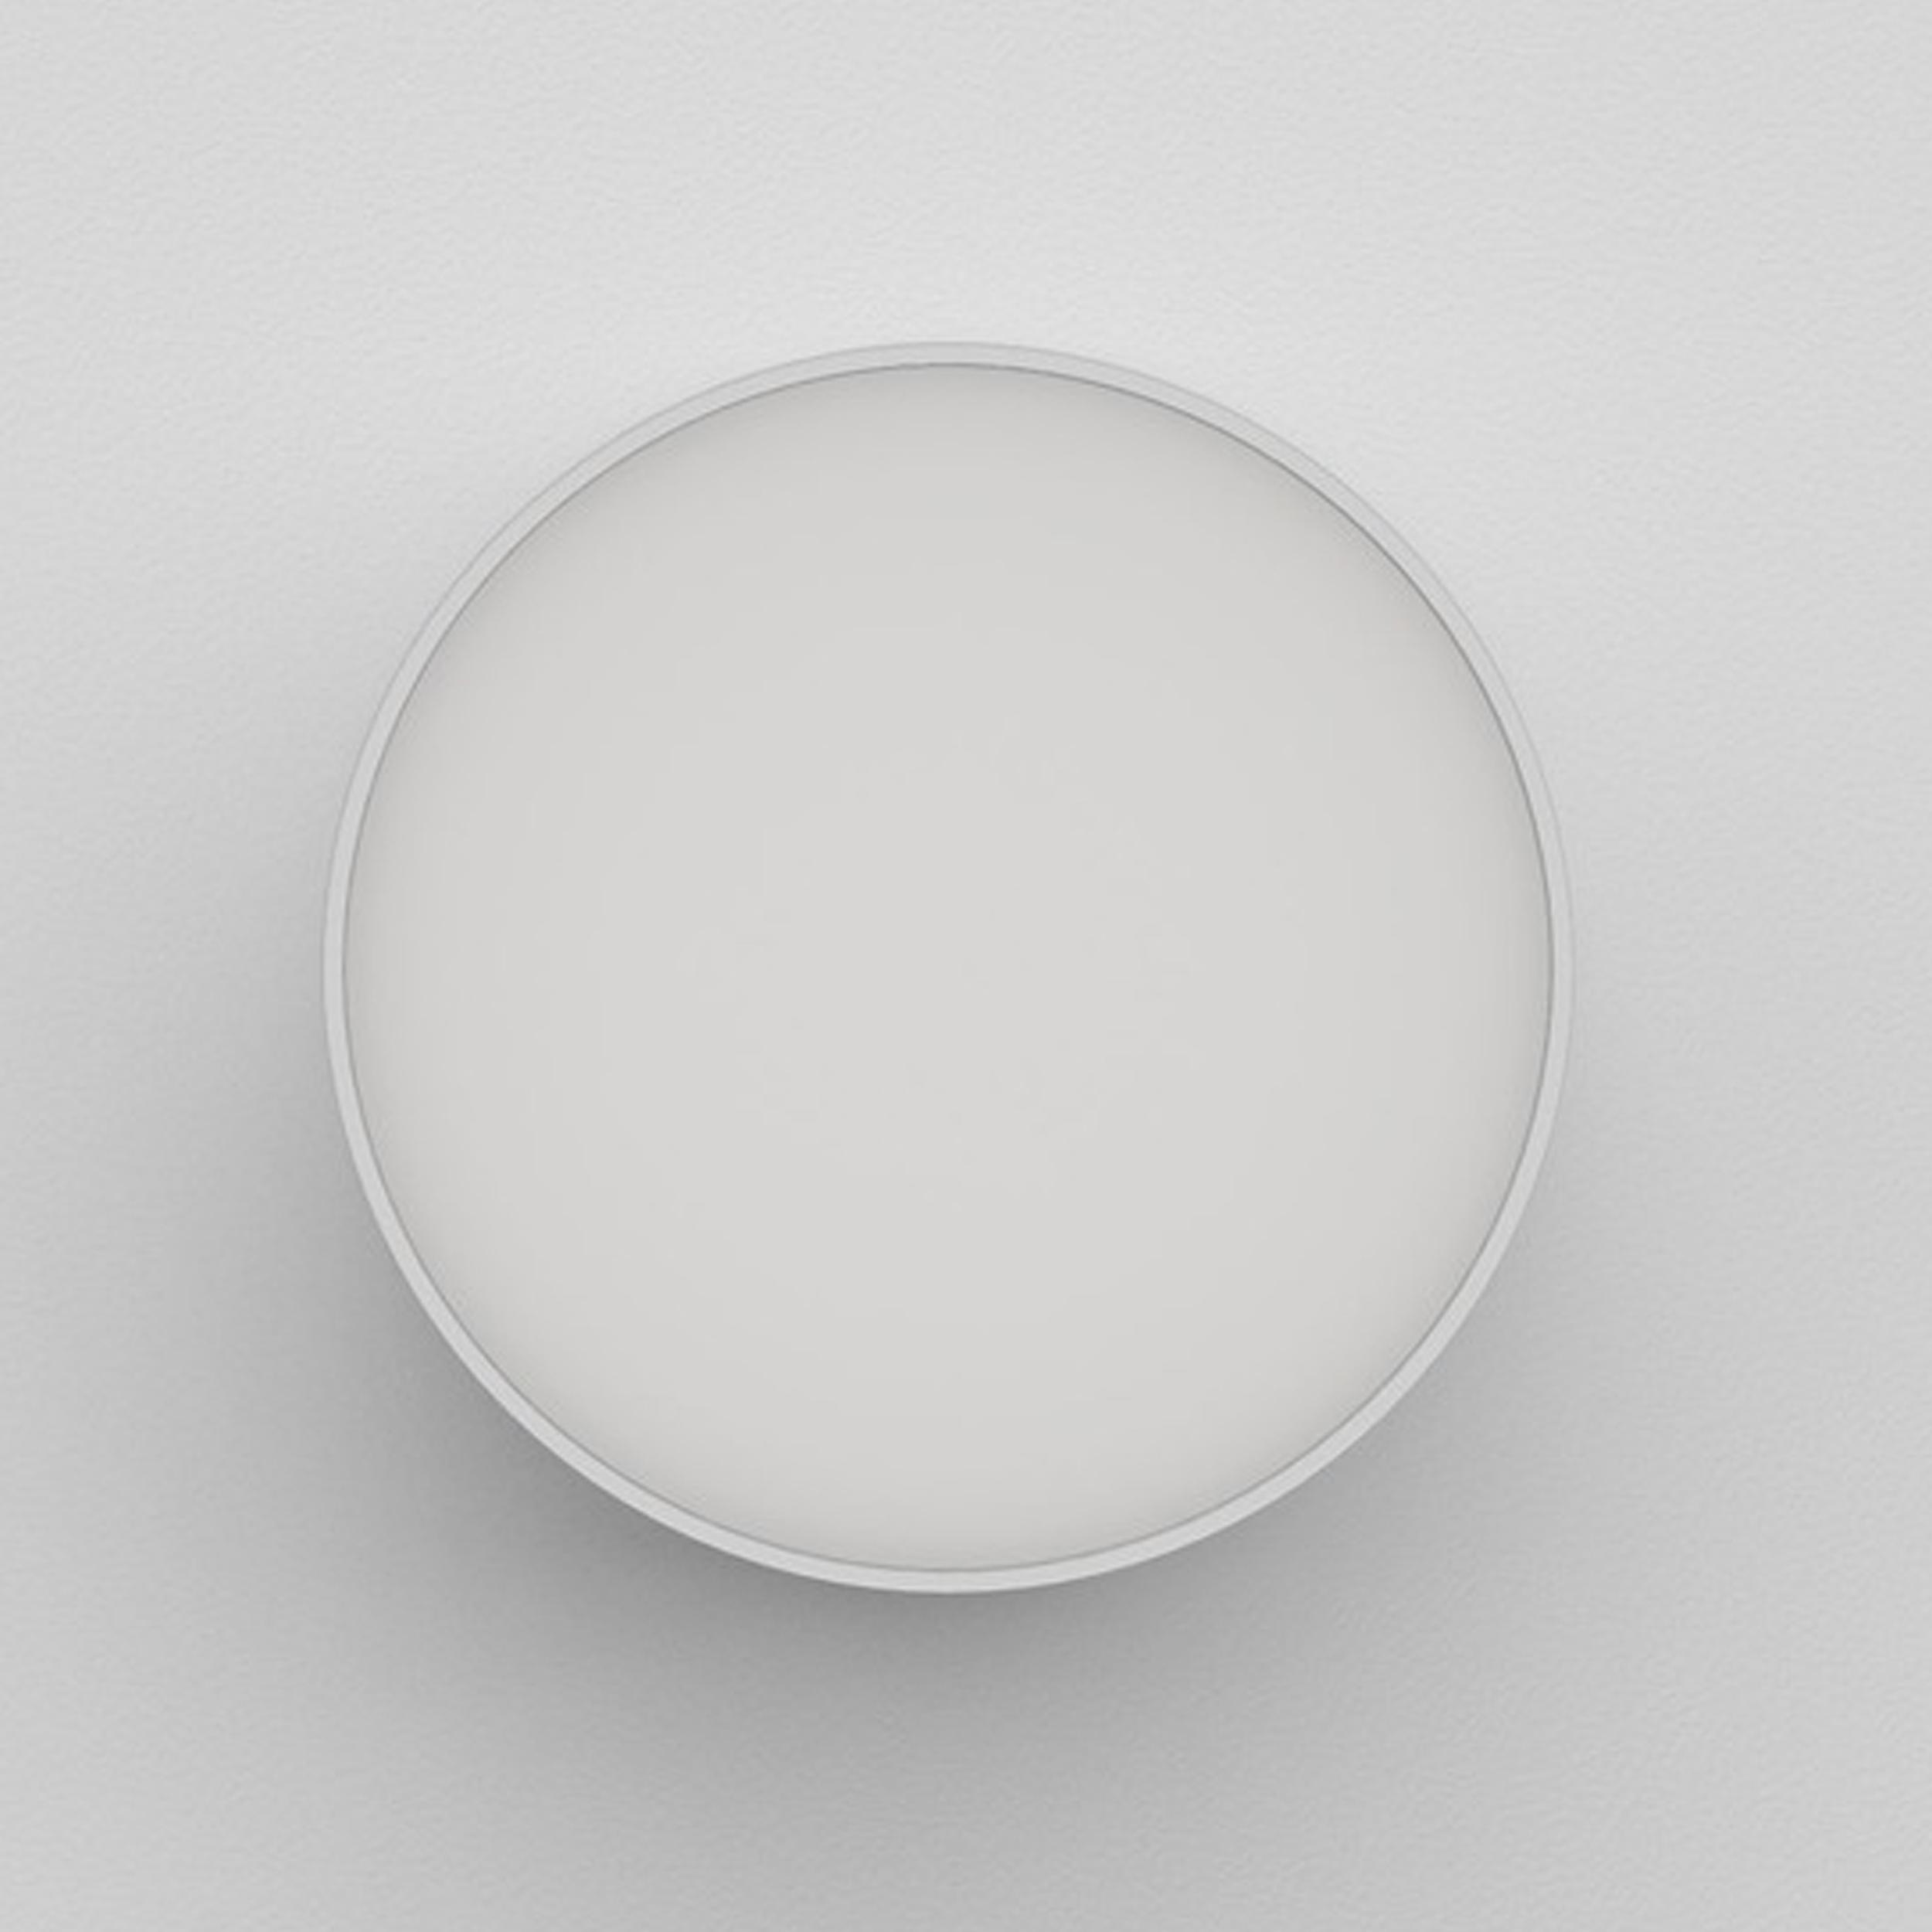 Astro Kea 250 Round Wall Light White B